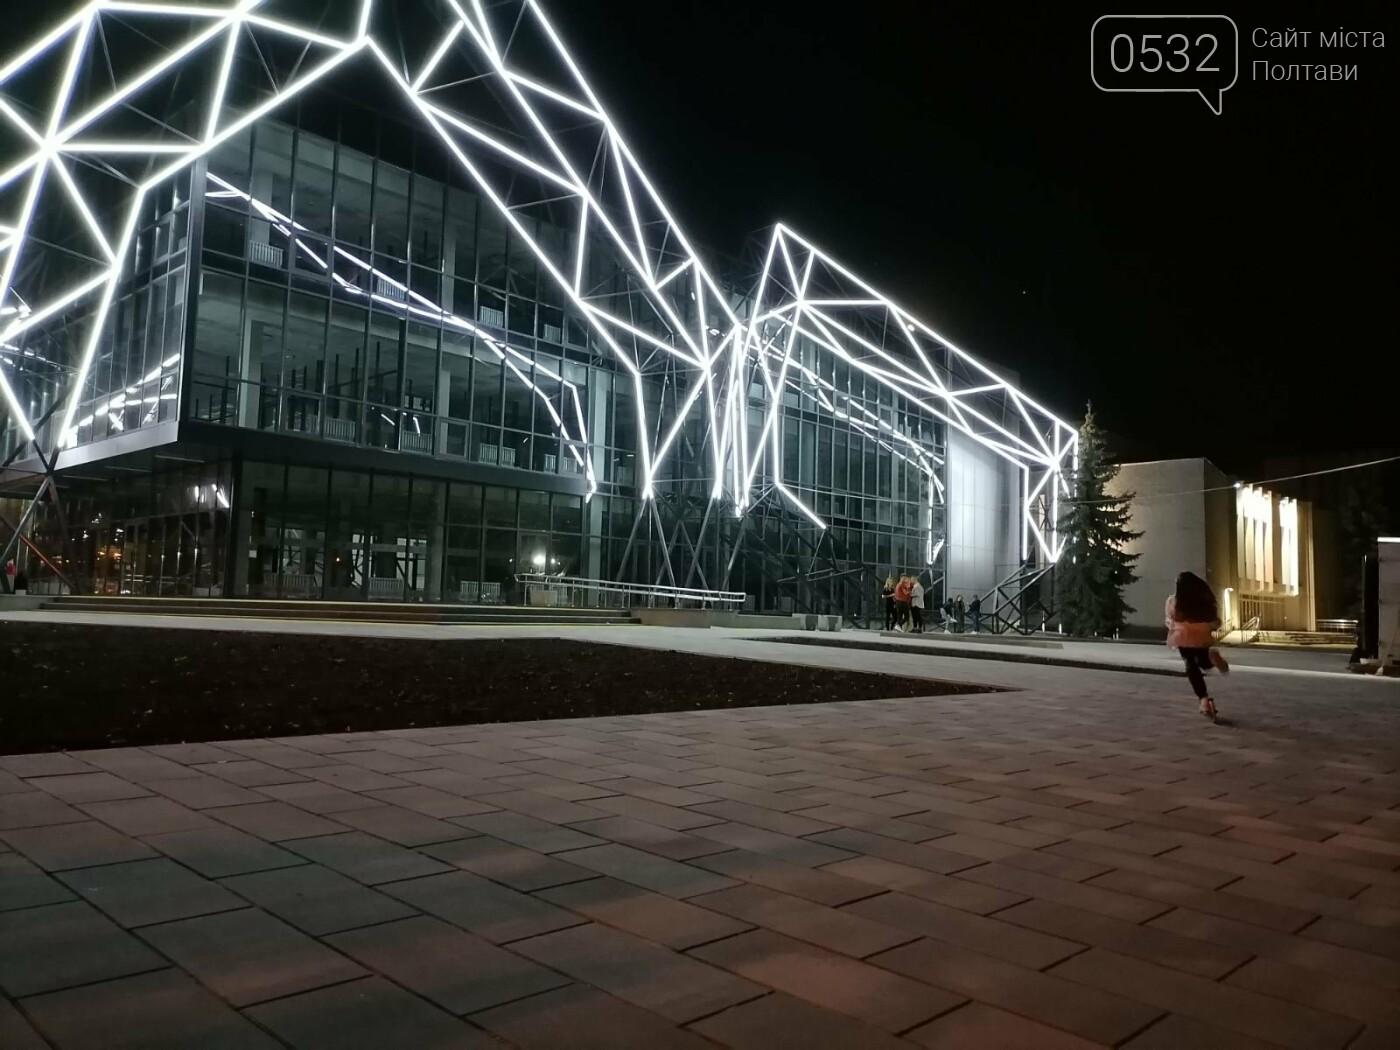 У Полтаві новий ЦНАП на площі біля ОДА став місцем вечірнього «паломництва» (ФОТО), фото-9